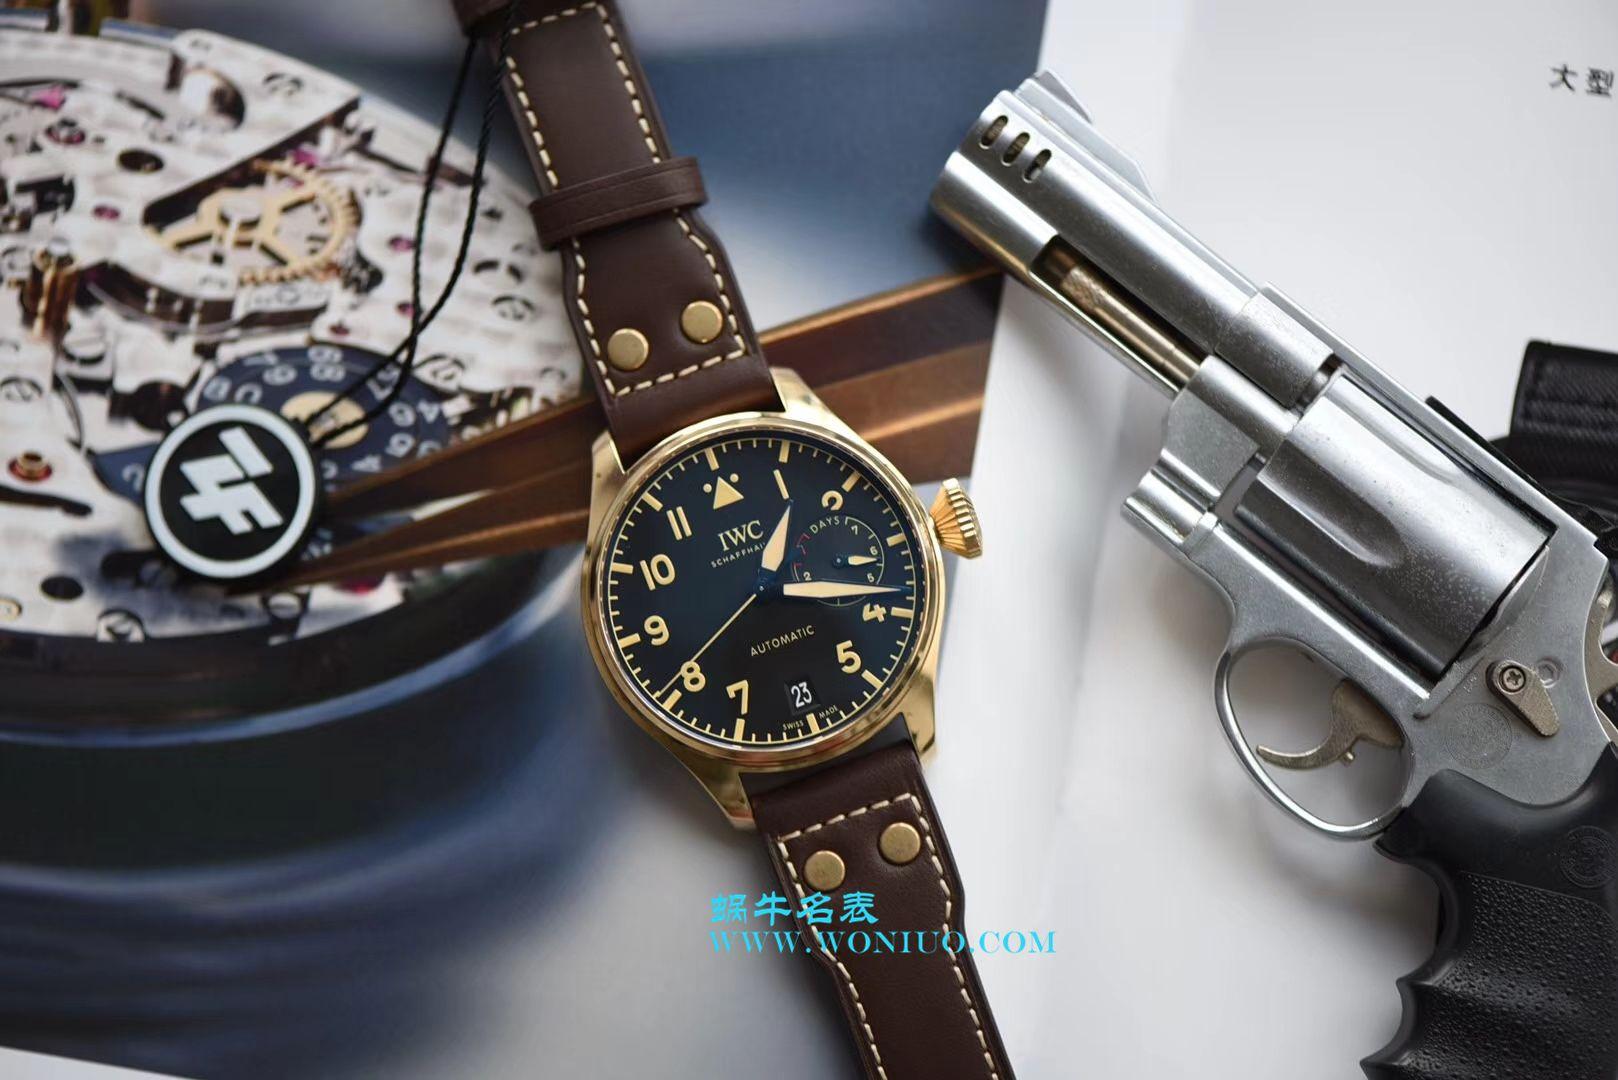 ZF新品--万国IWC空中霸主(大飞行员)系列——IW501005青铜腕表 / WG169